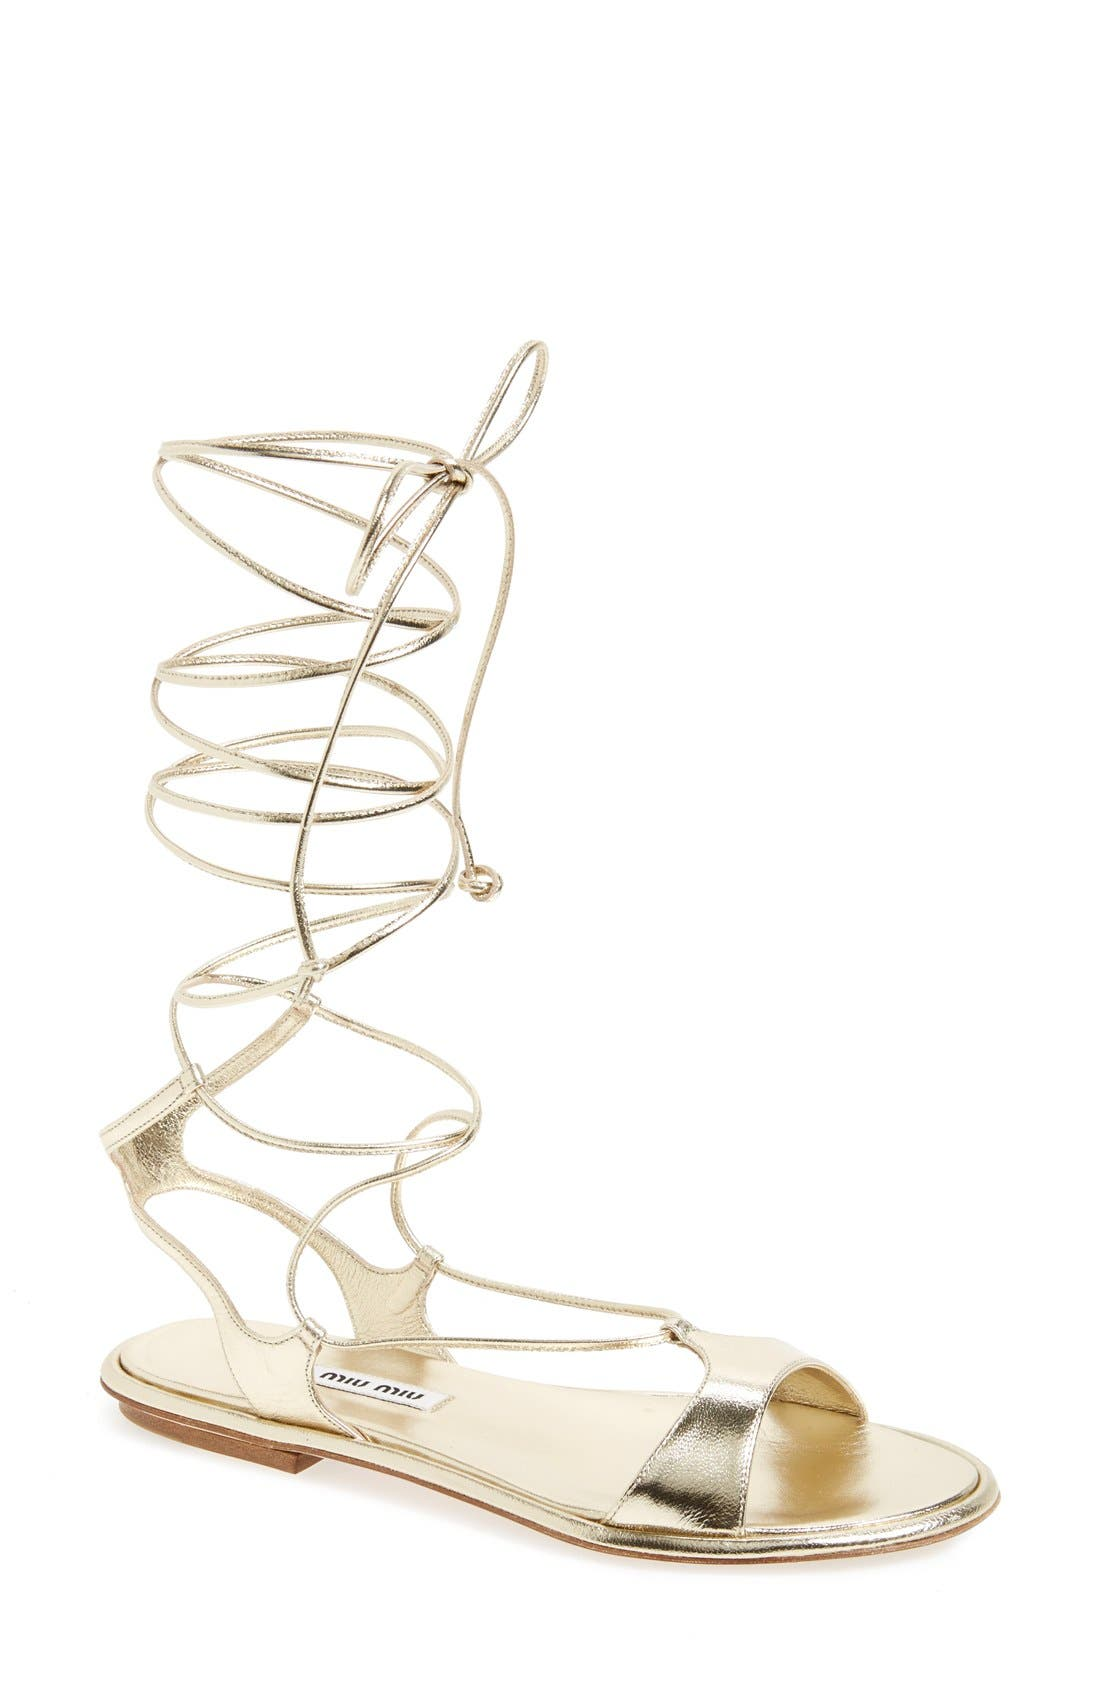 Alternate Image 1 Selected - Miu Miu Gladiator Sandal (Women)